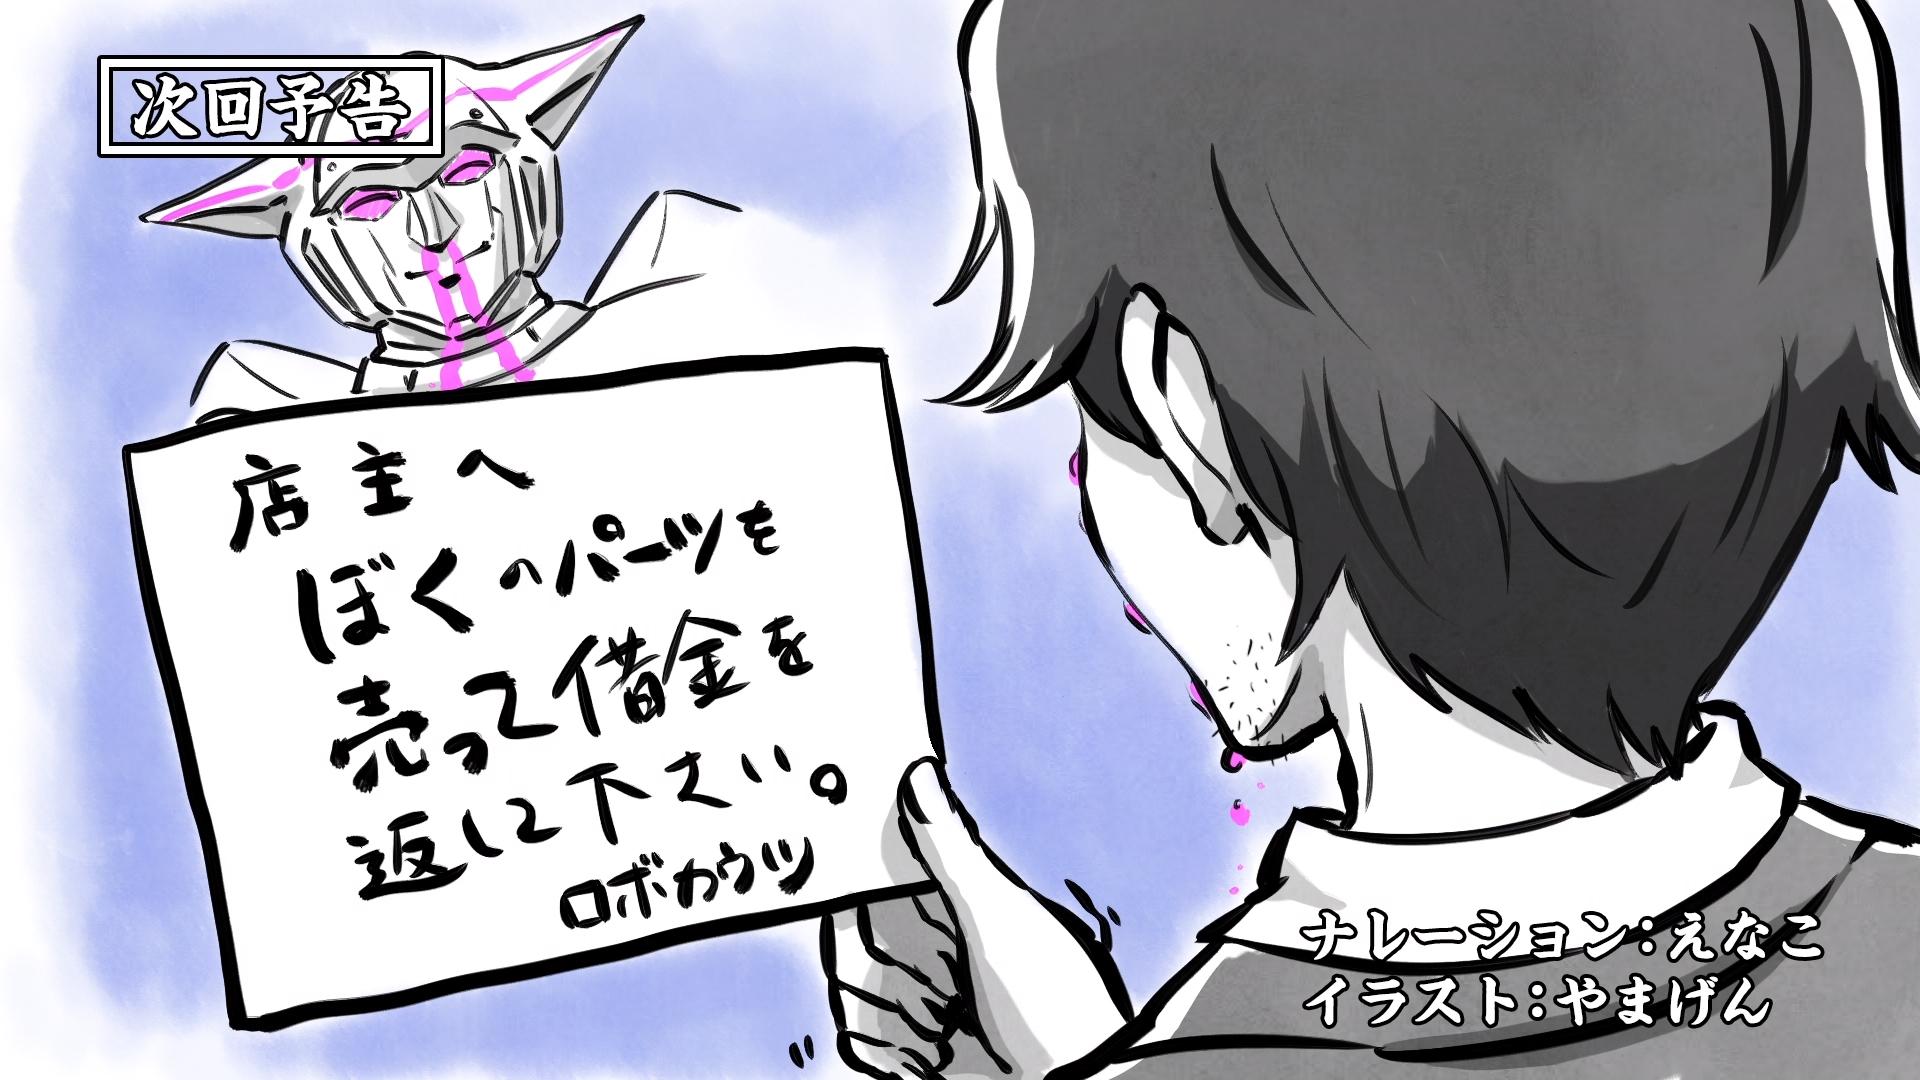 Armor Shop for Ladies & Gentlemen S2 Episode 11 Endcard Yamagen